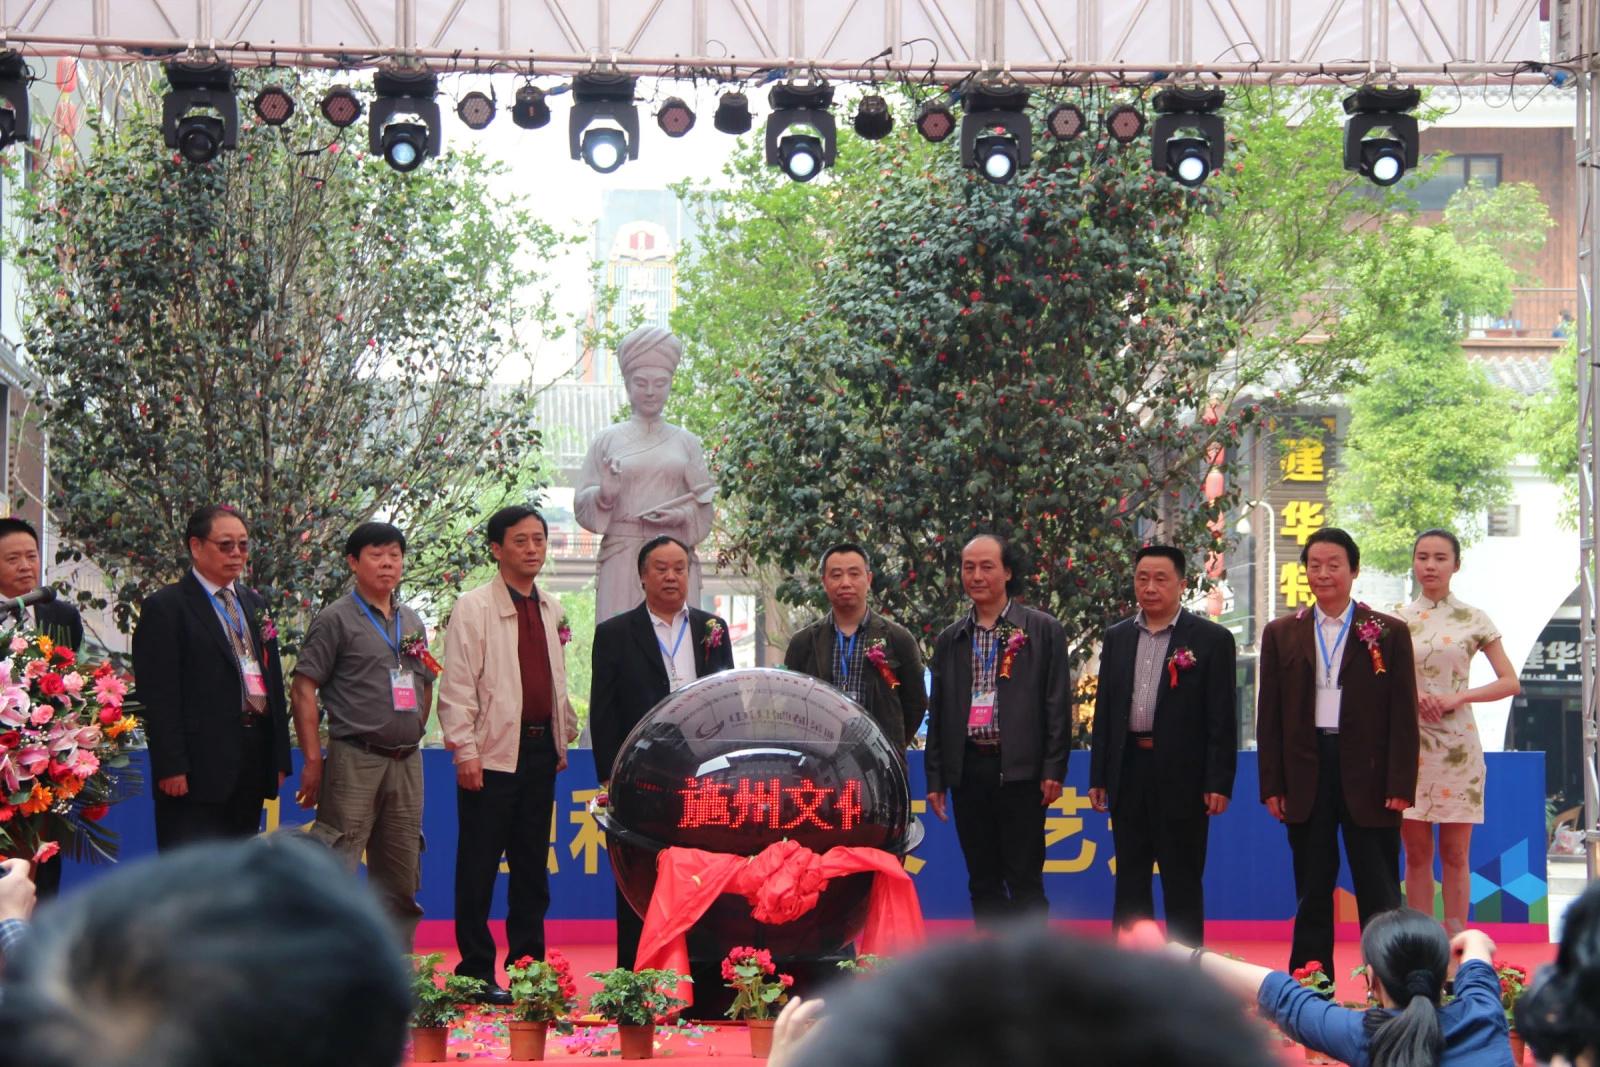 硒都茶城-施州文化博览园启动仪式